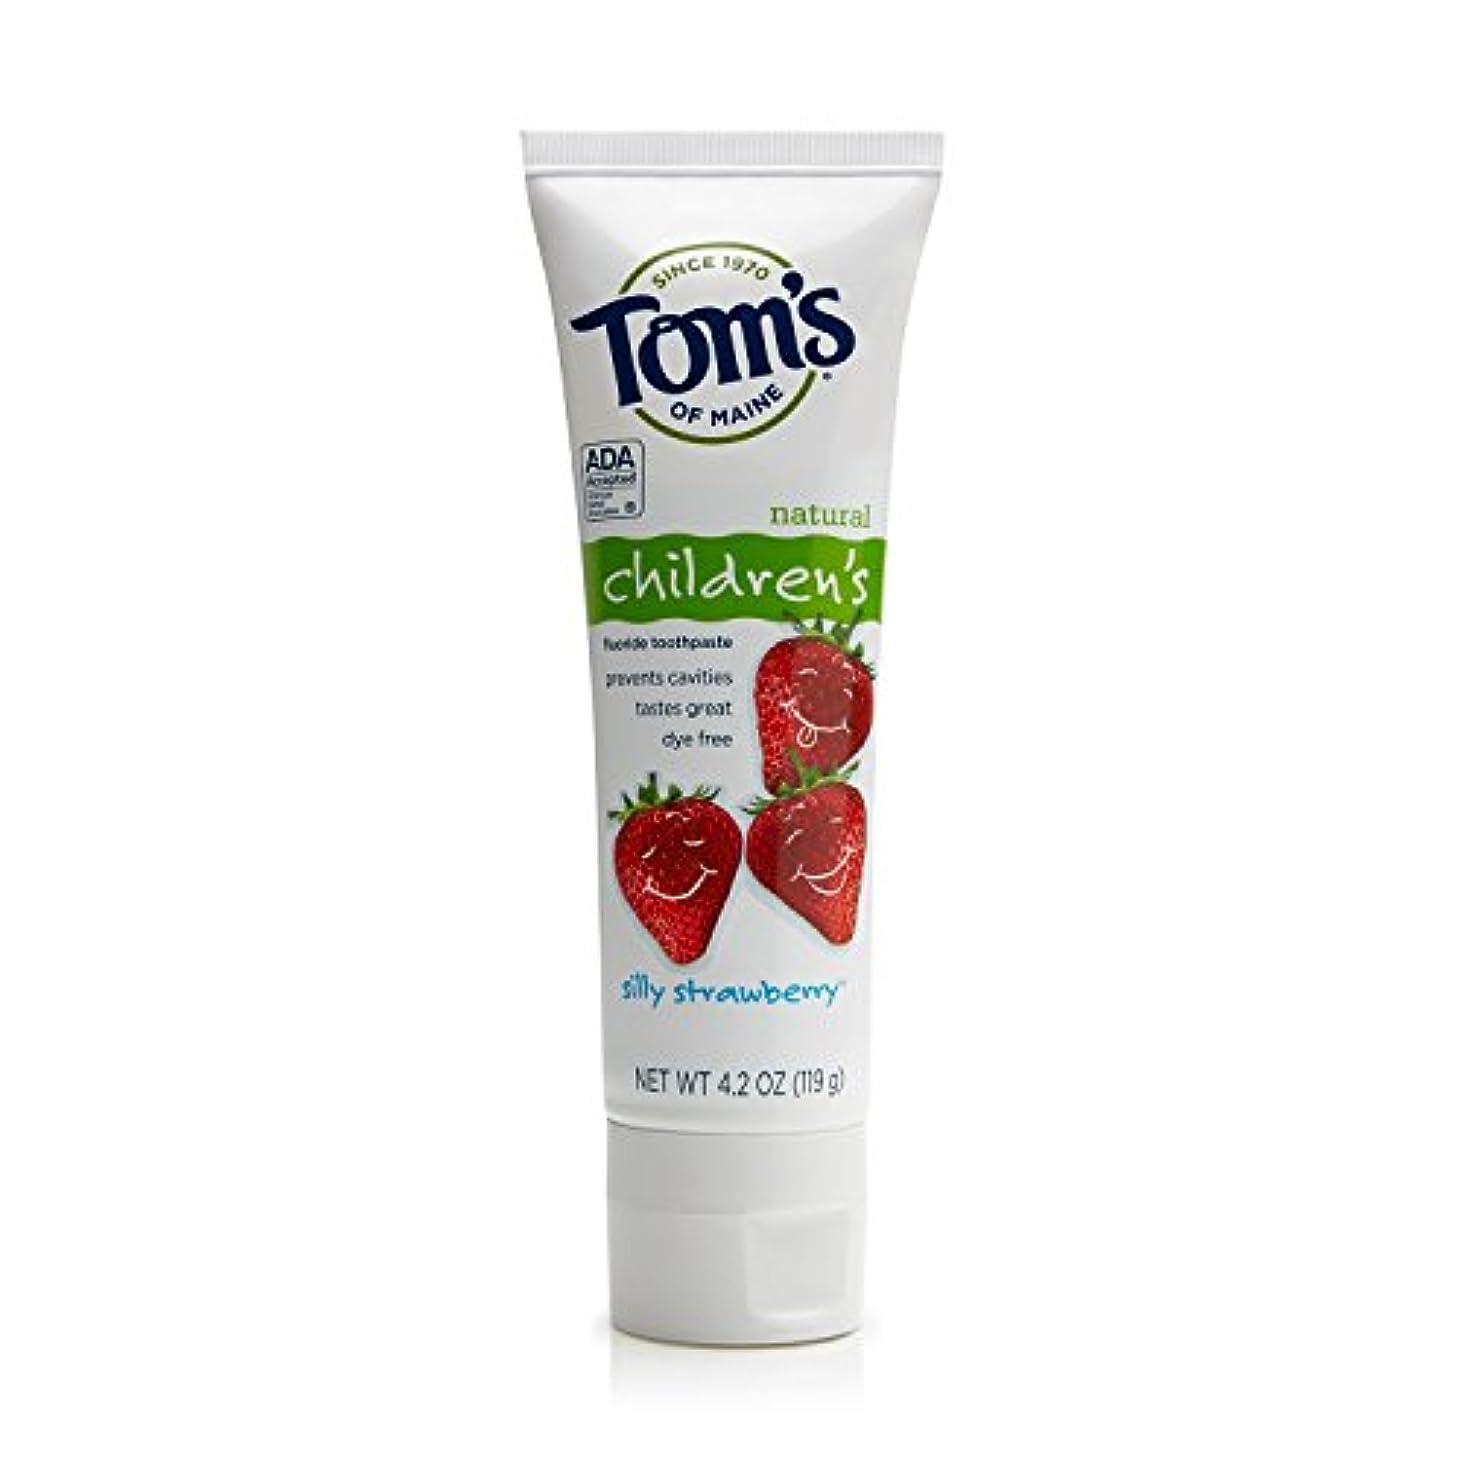 ボーナス赤字有料Tom's of Maine 4.2 oz. Silly Strawberry Natural Children's Anticavity Toothpaste by Tom's of Maine